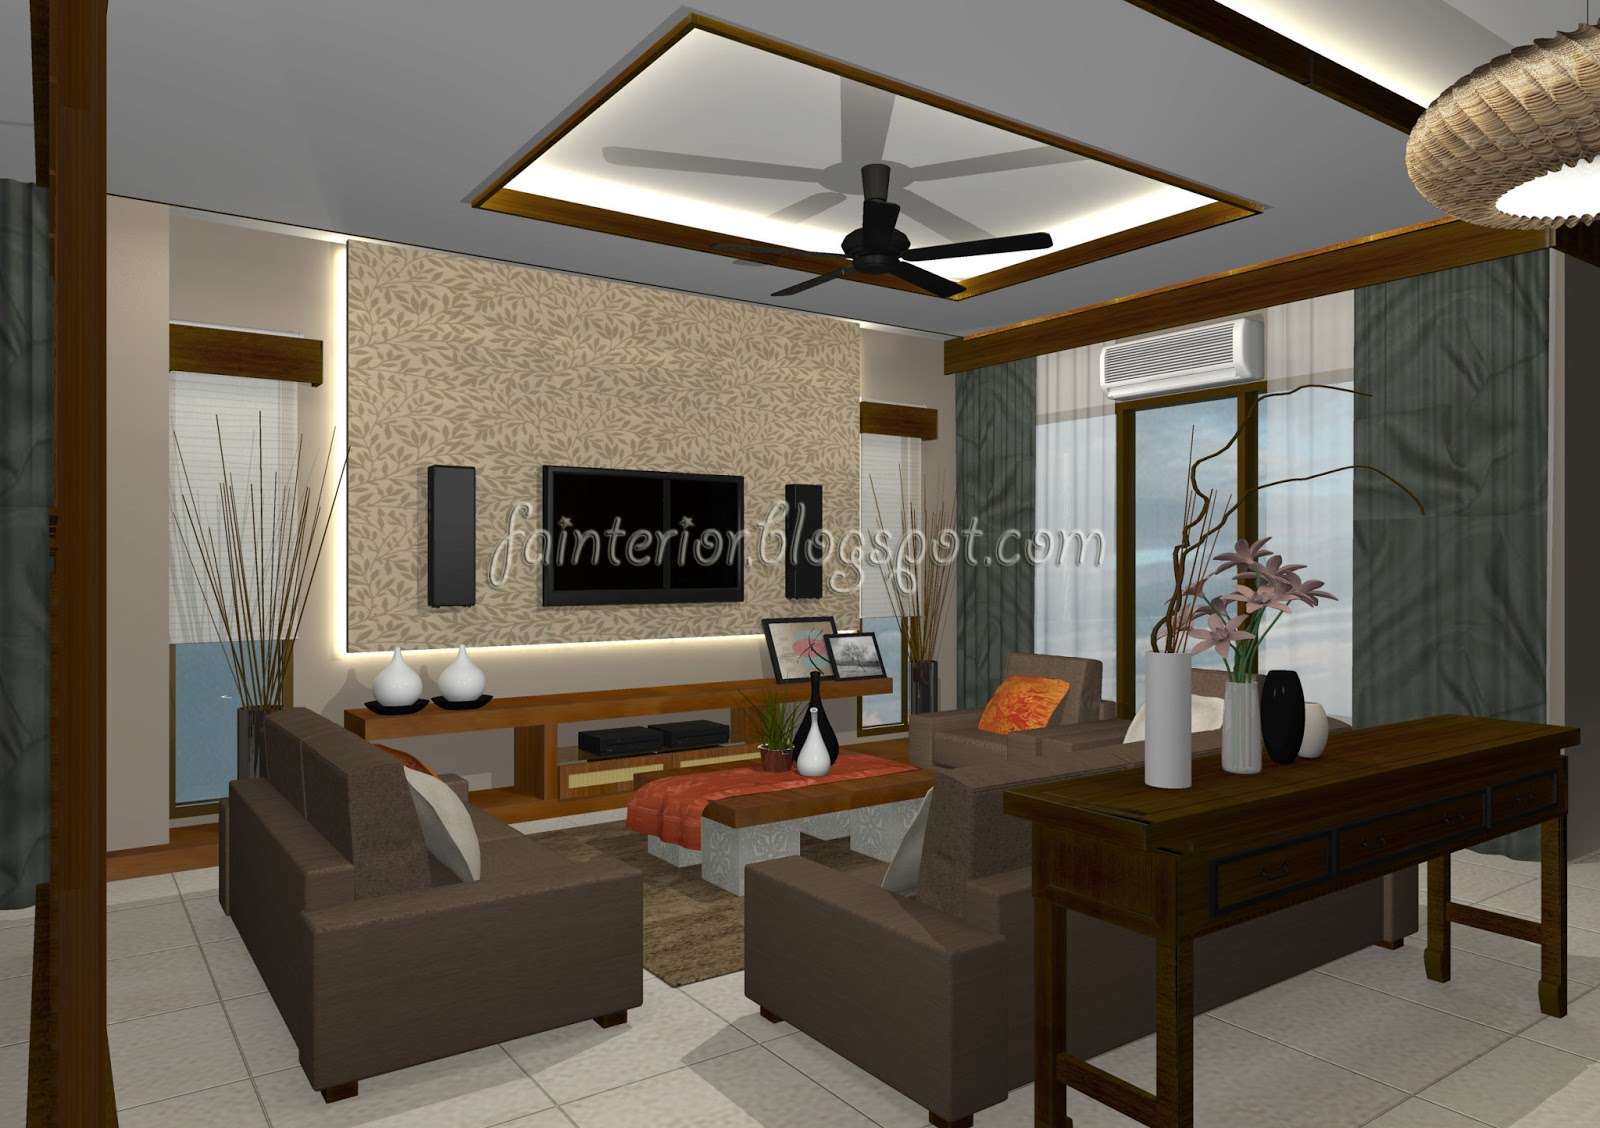 Fa.Interior : RESIDENTIAL INTERIOR DESIGN